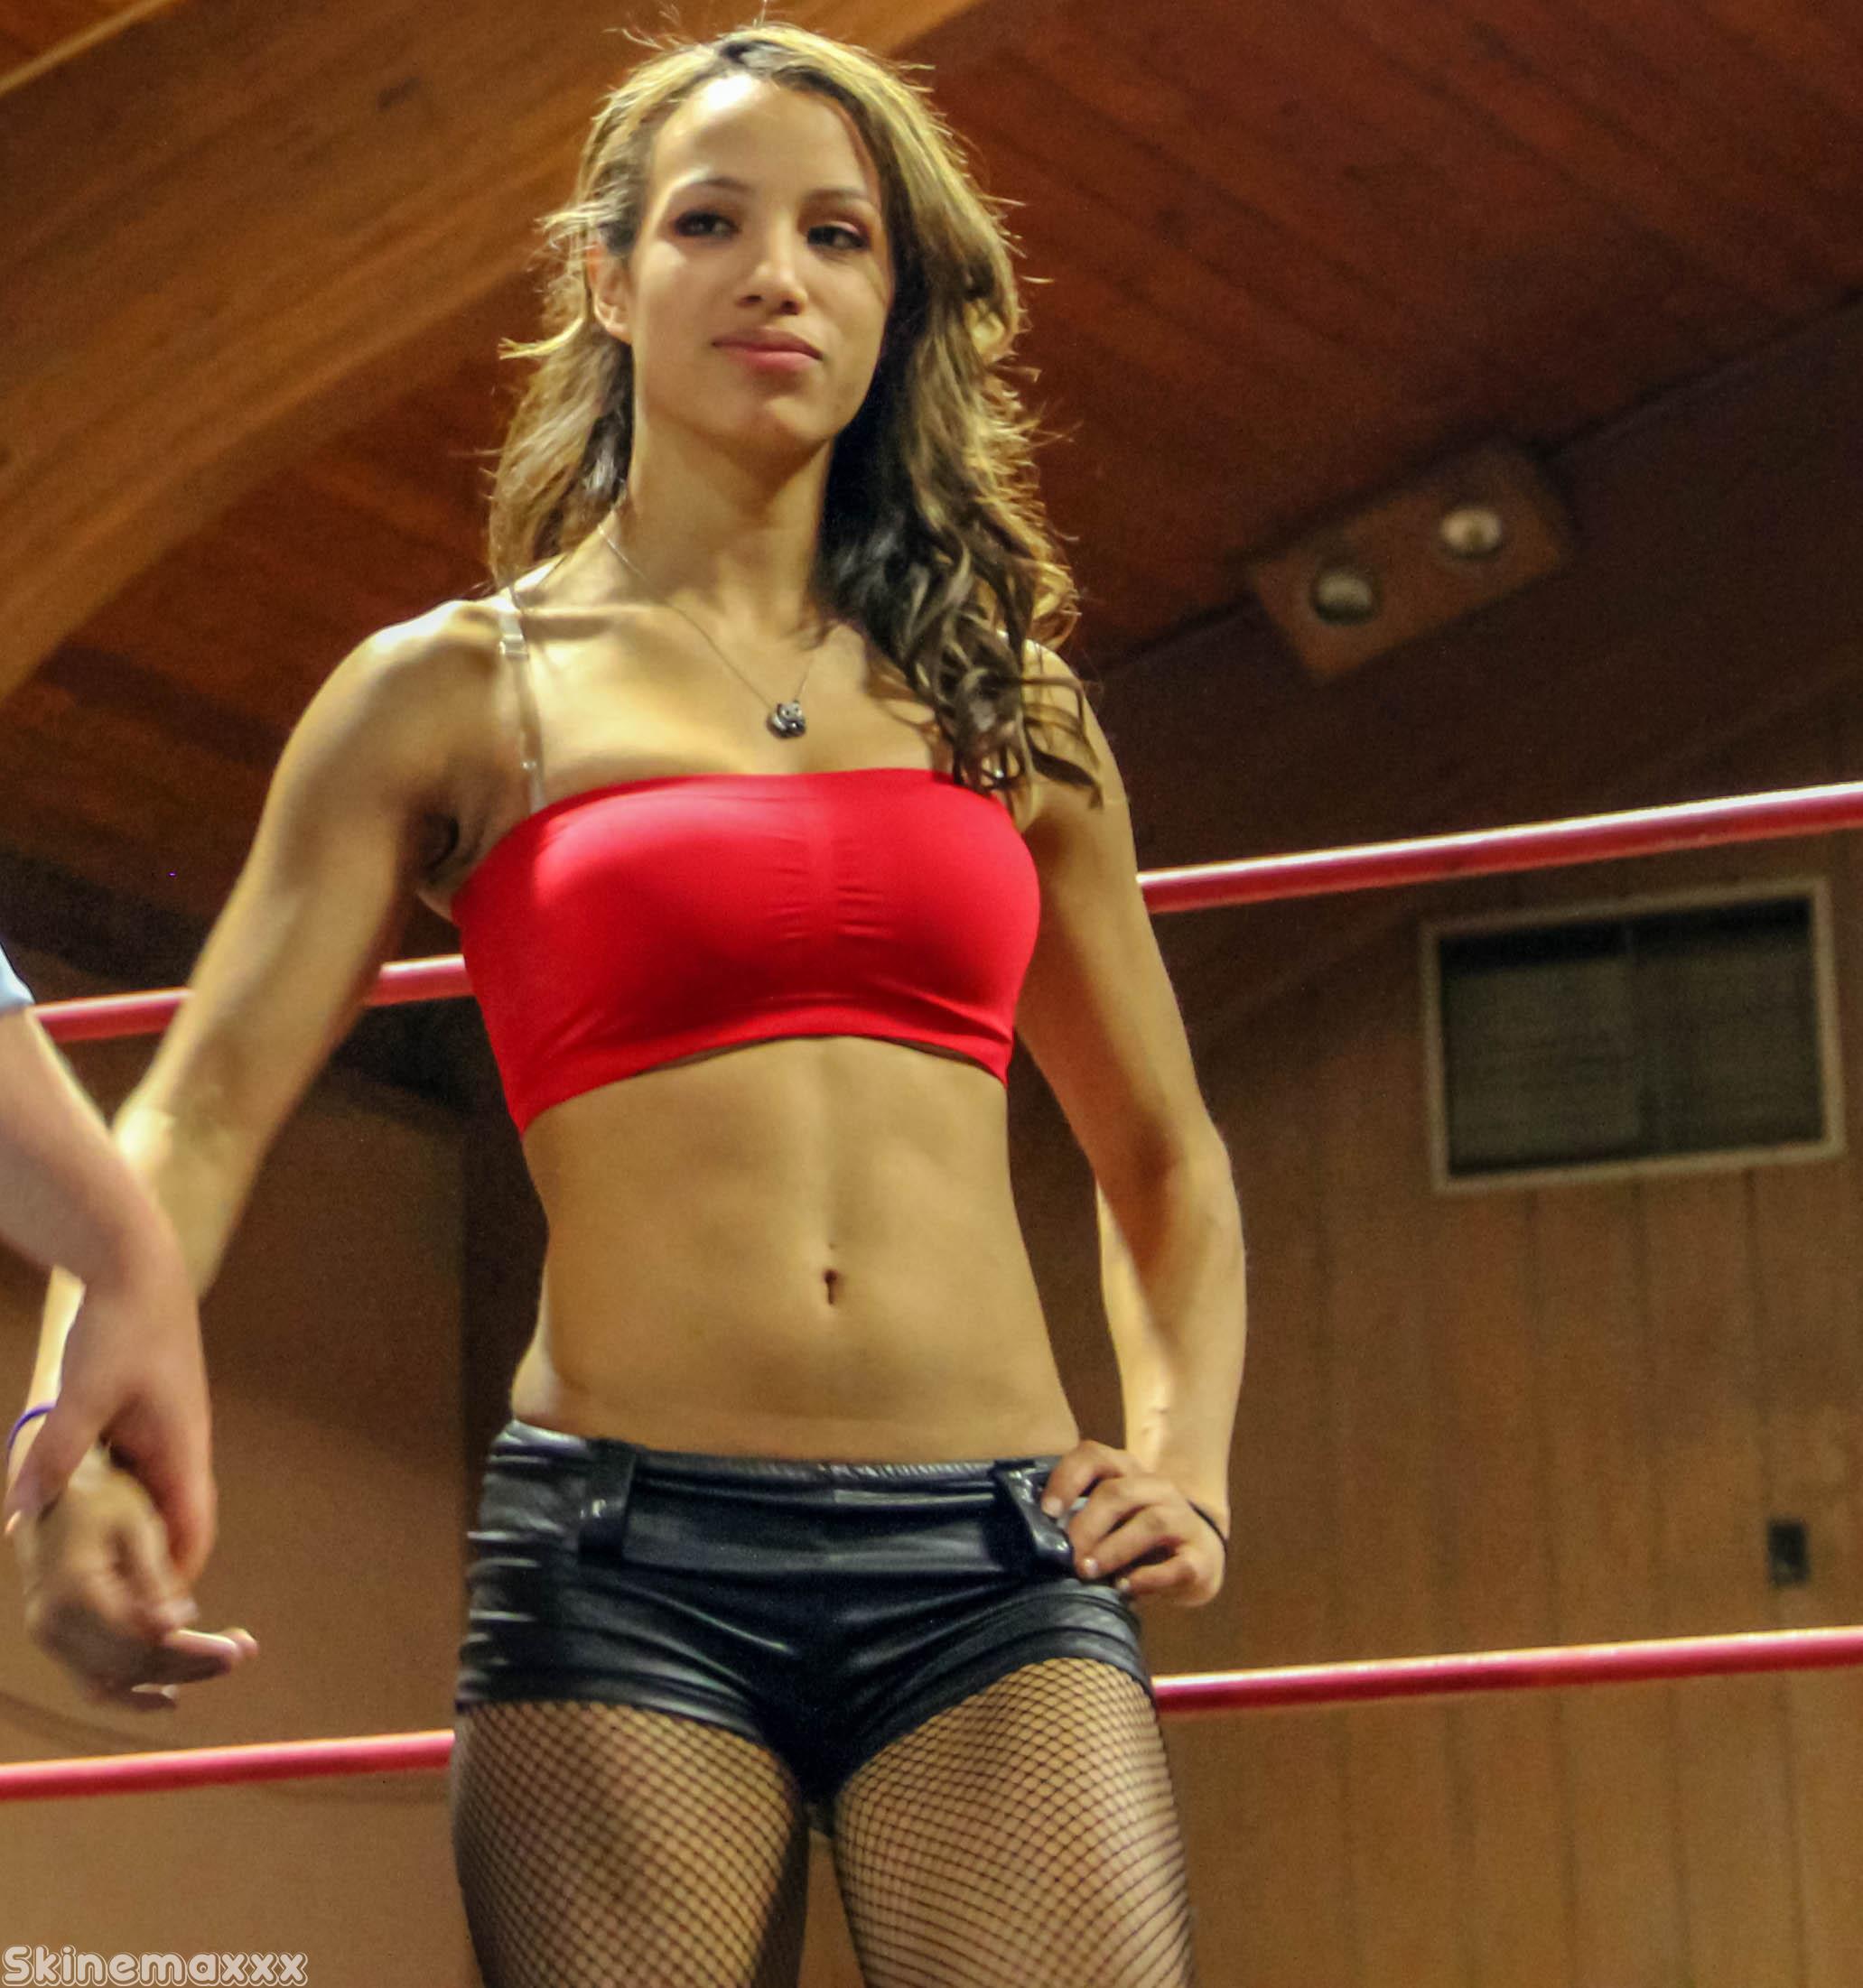 Boobs Victoria Nude Pics Wrestling Gif